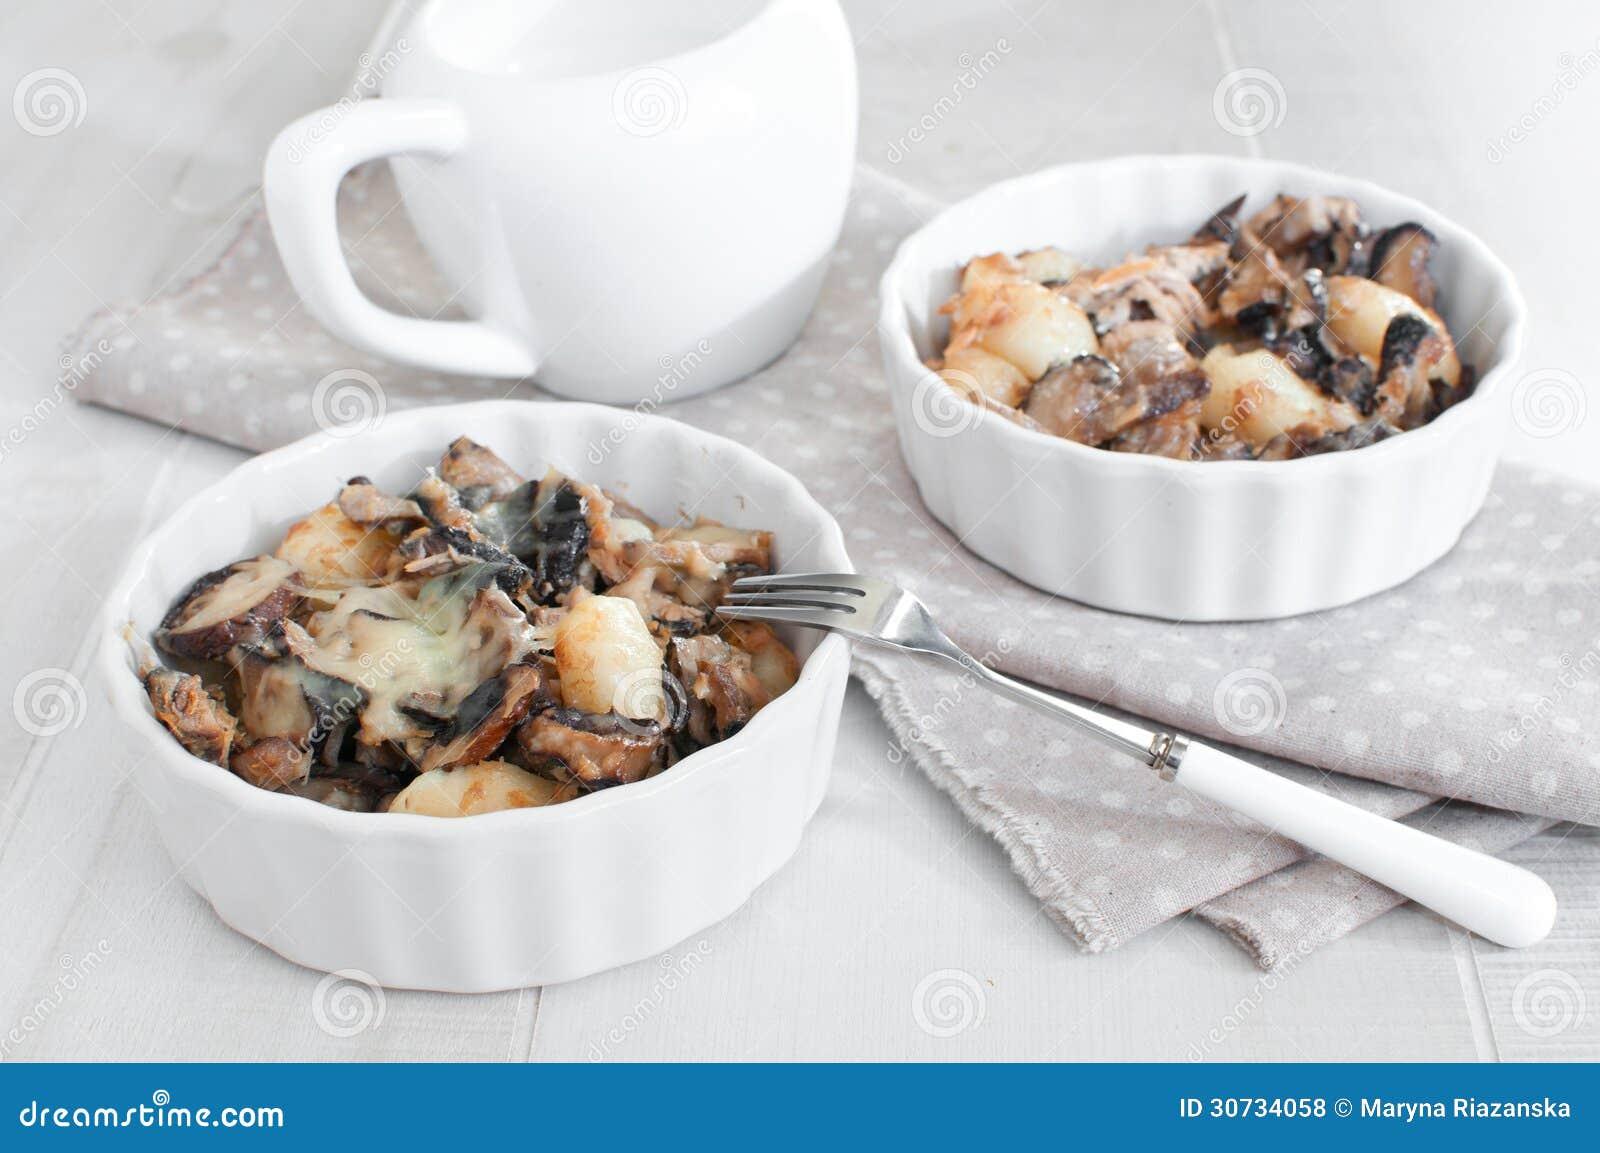 Parties de thon cuit au four avec des champignons